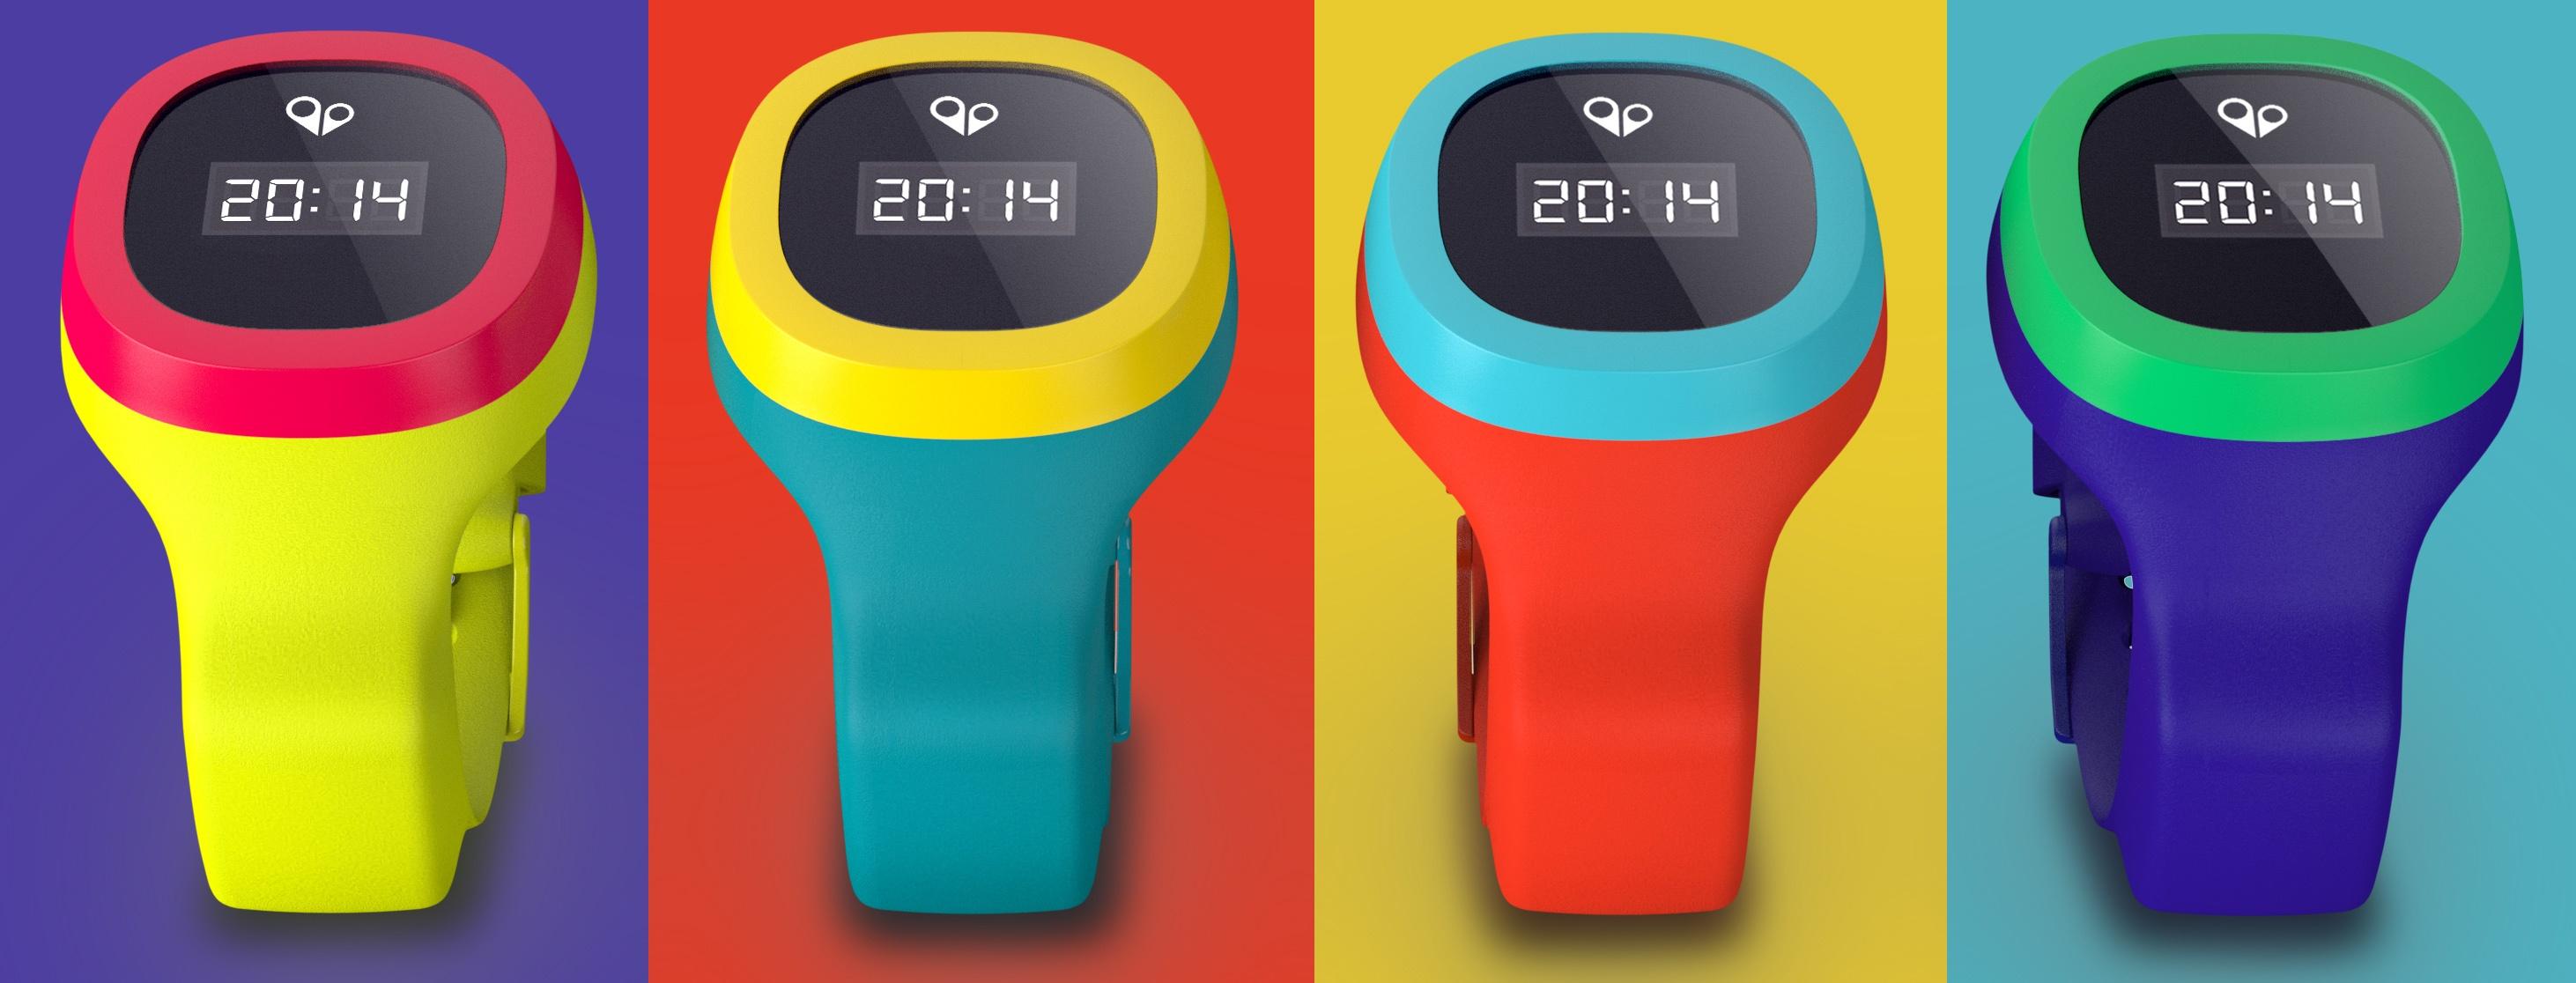 Смарт-часы для детей нюансы выбора – Разноцветные смарт-часы